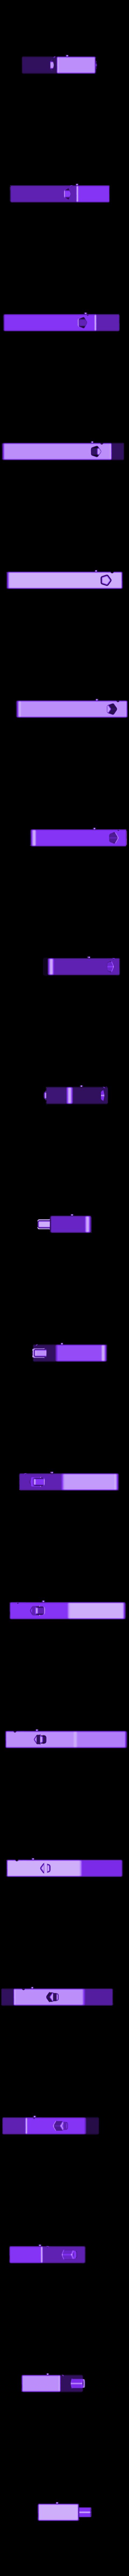 A.stl Télécharger fichier STL gratuit Puzzle braille Fittle Boat • Modèle à imprimer en 3D, Fittle